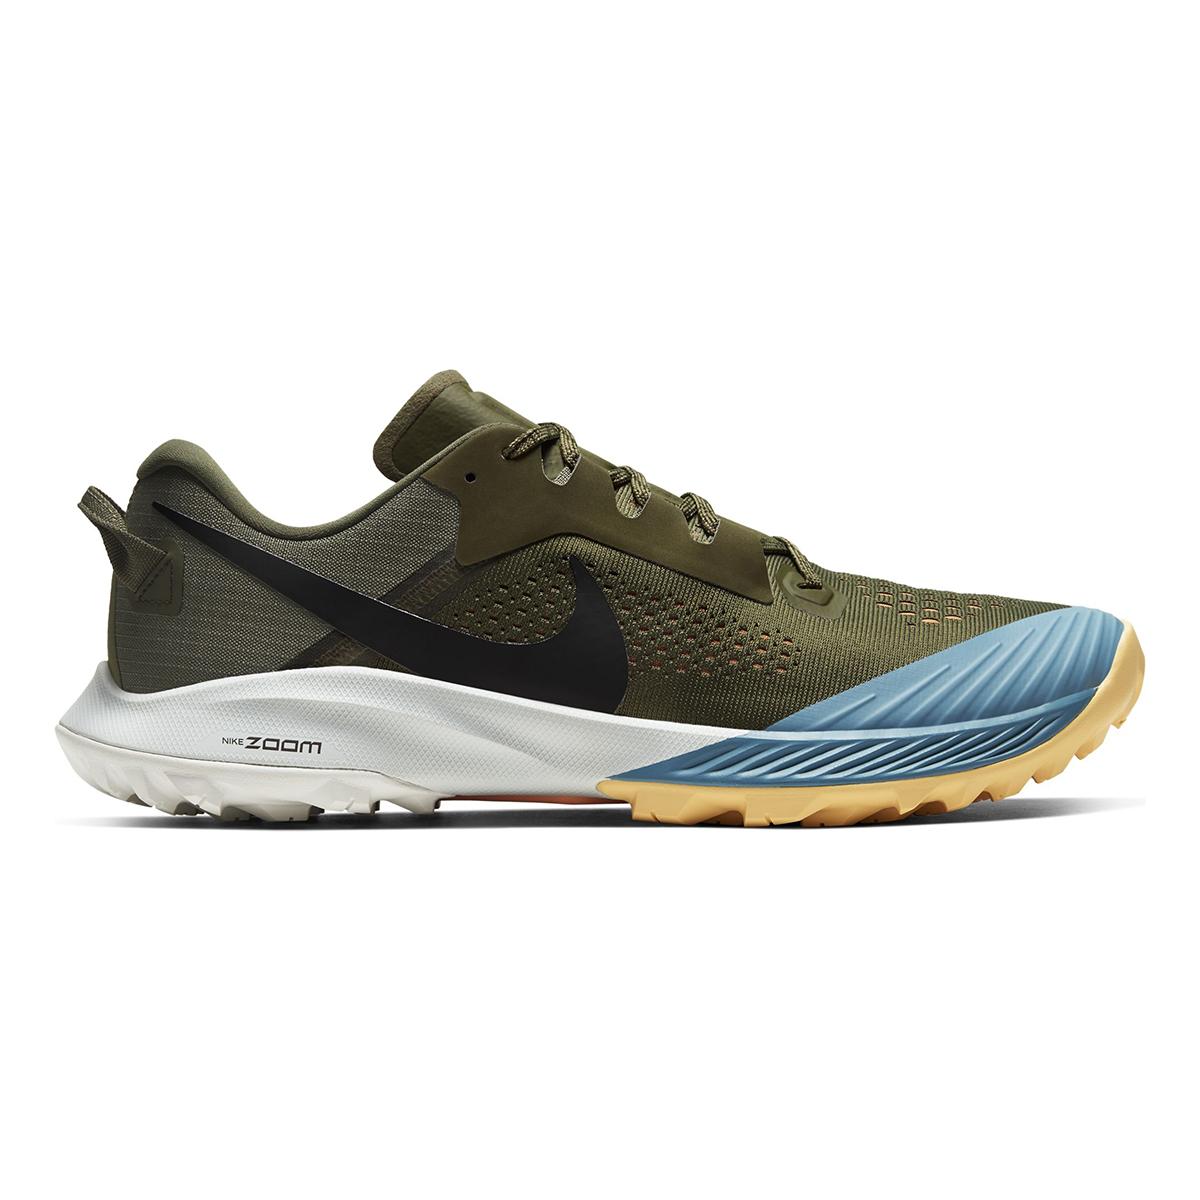 Men's Nike Air Zoom Terra Kiger 6 Trail Running Shoe - Color: Medium Olive/Orange Trance/Cerulean/Black (Regular Width) - Size: 6, Medium Olive/Orange Trance/Cerulean/Black, large, image 1